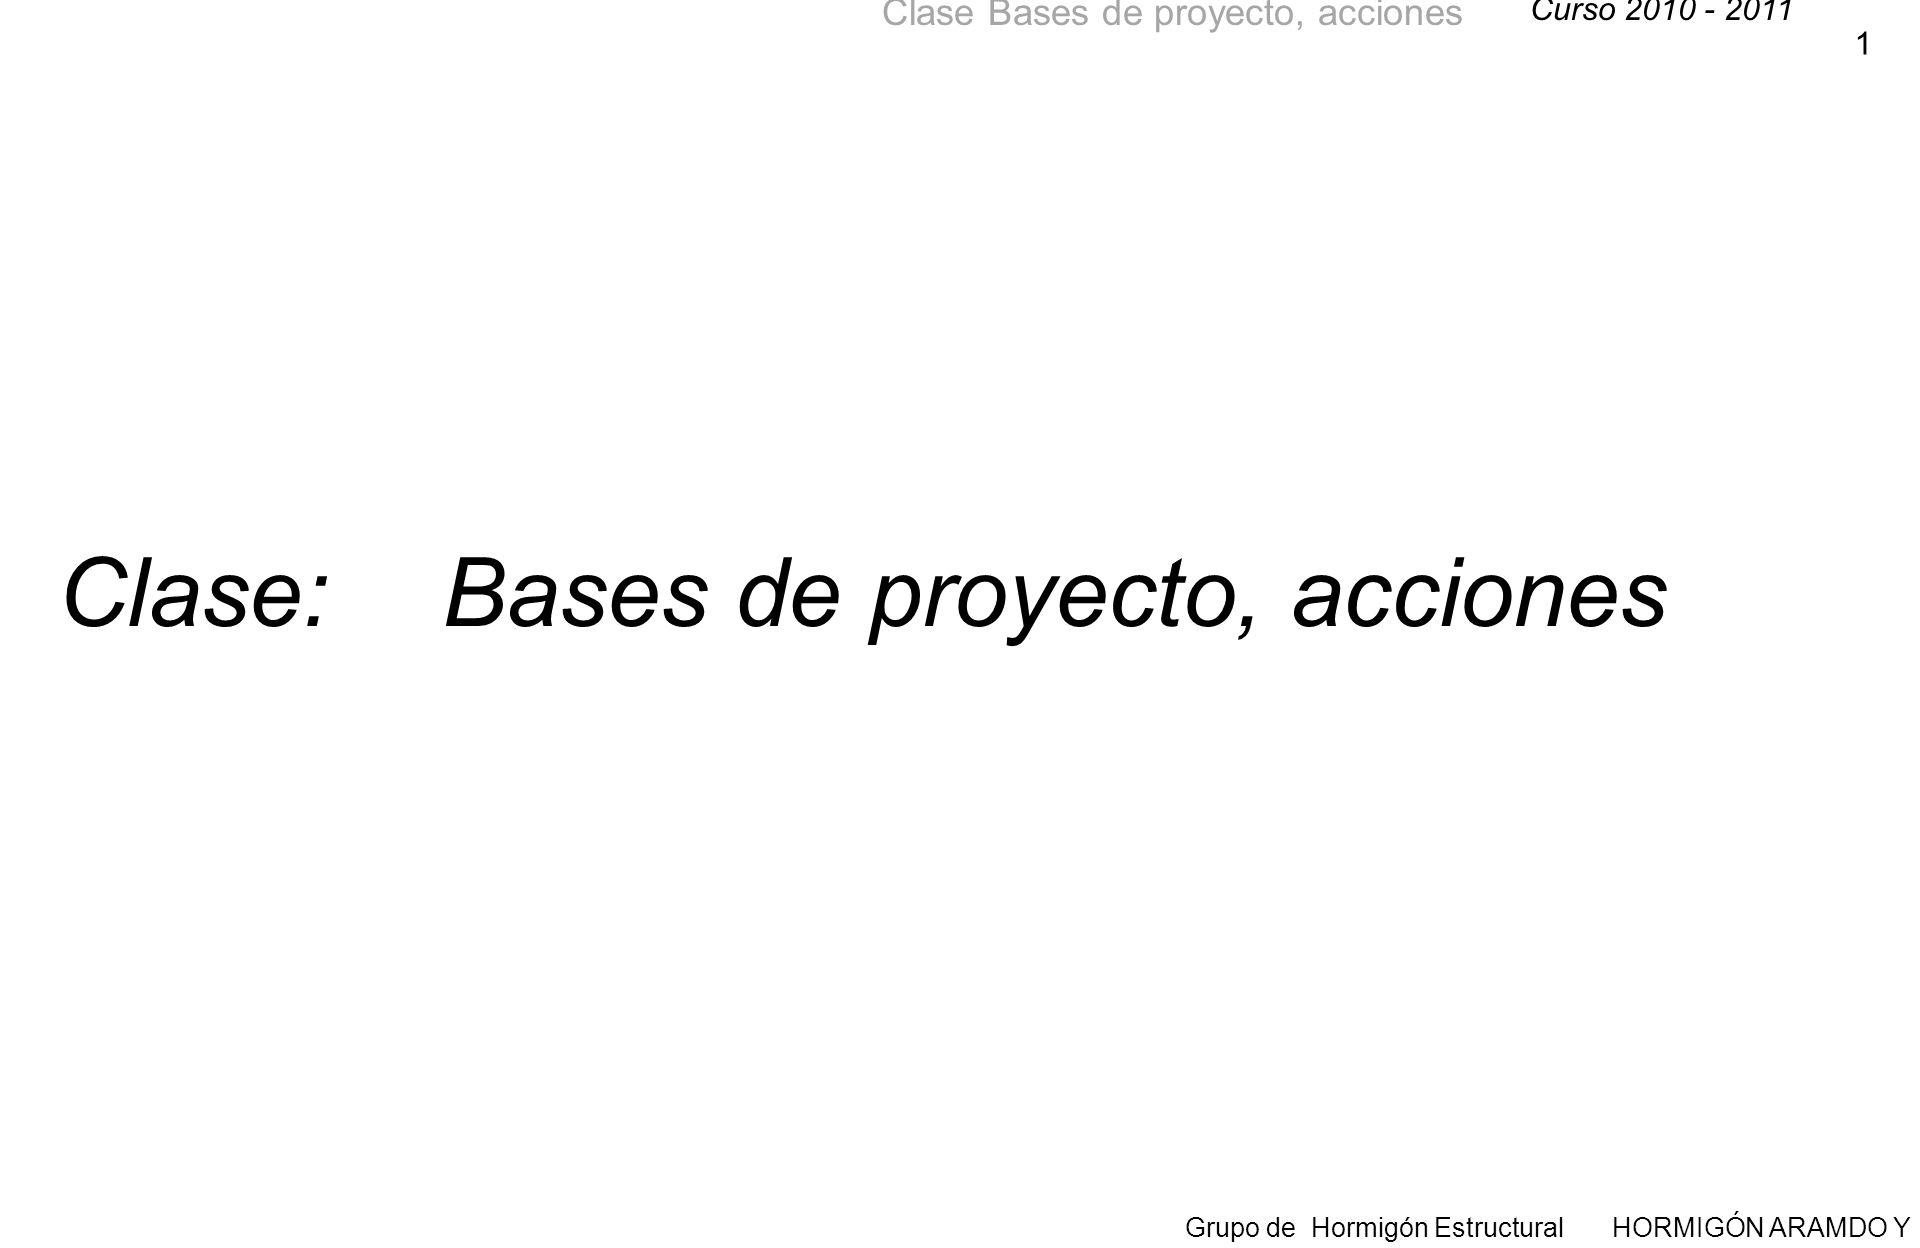 Curso 2010 - 2011 Grupo de Hormigón Estructural HORMIGÓN ARAMDO Y PRETENSADO II Clase Bases de proyecto, acciones 2 1.